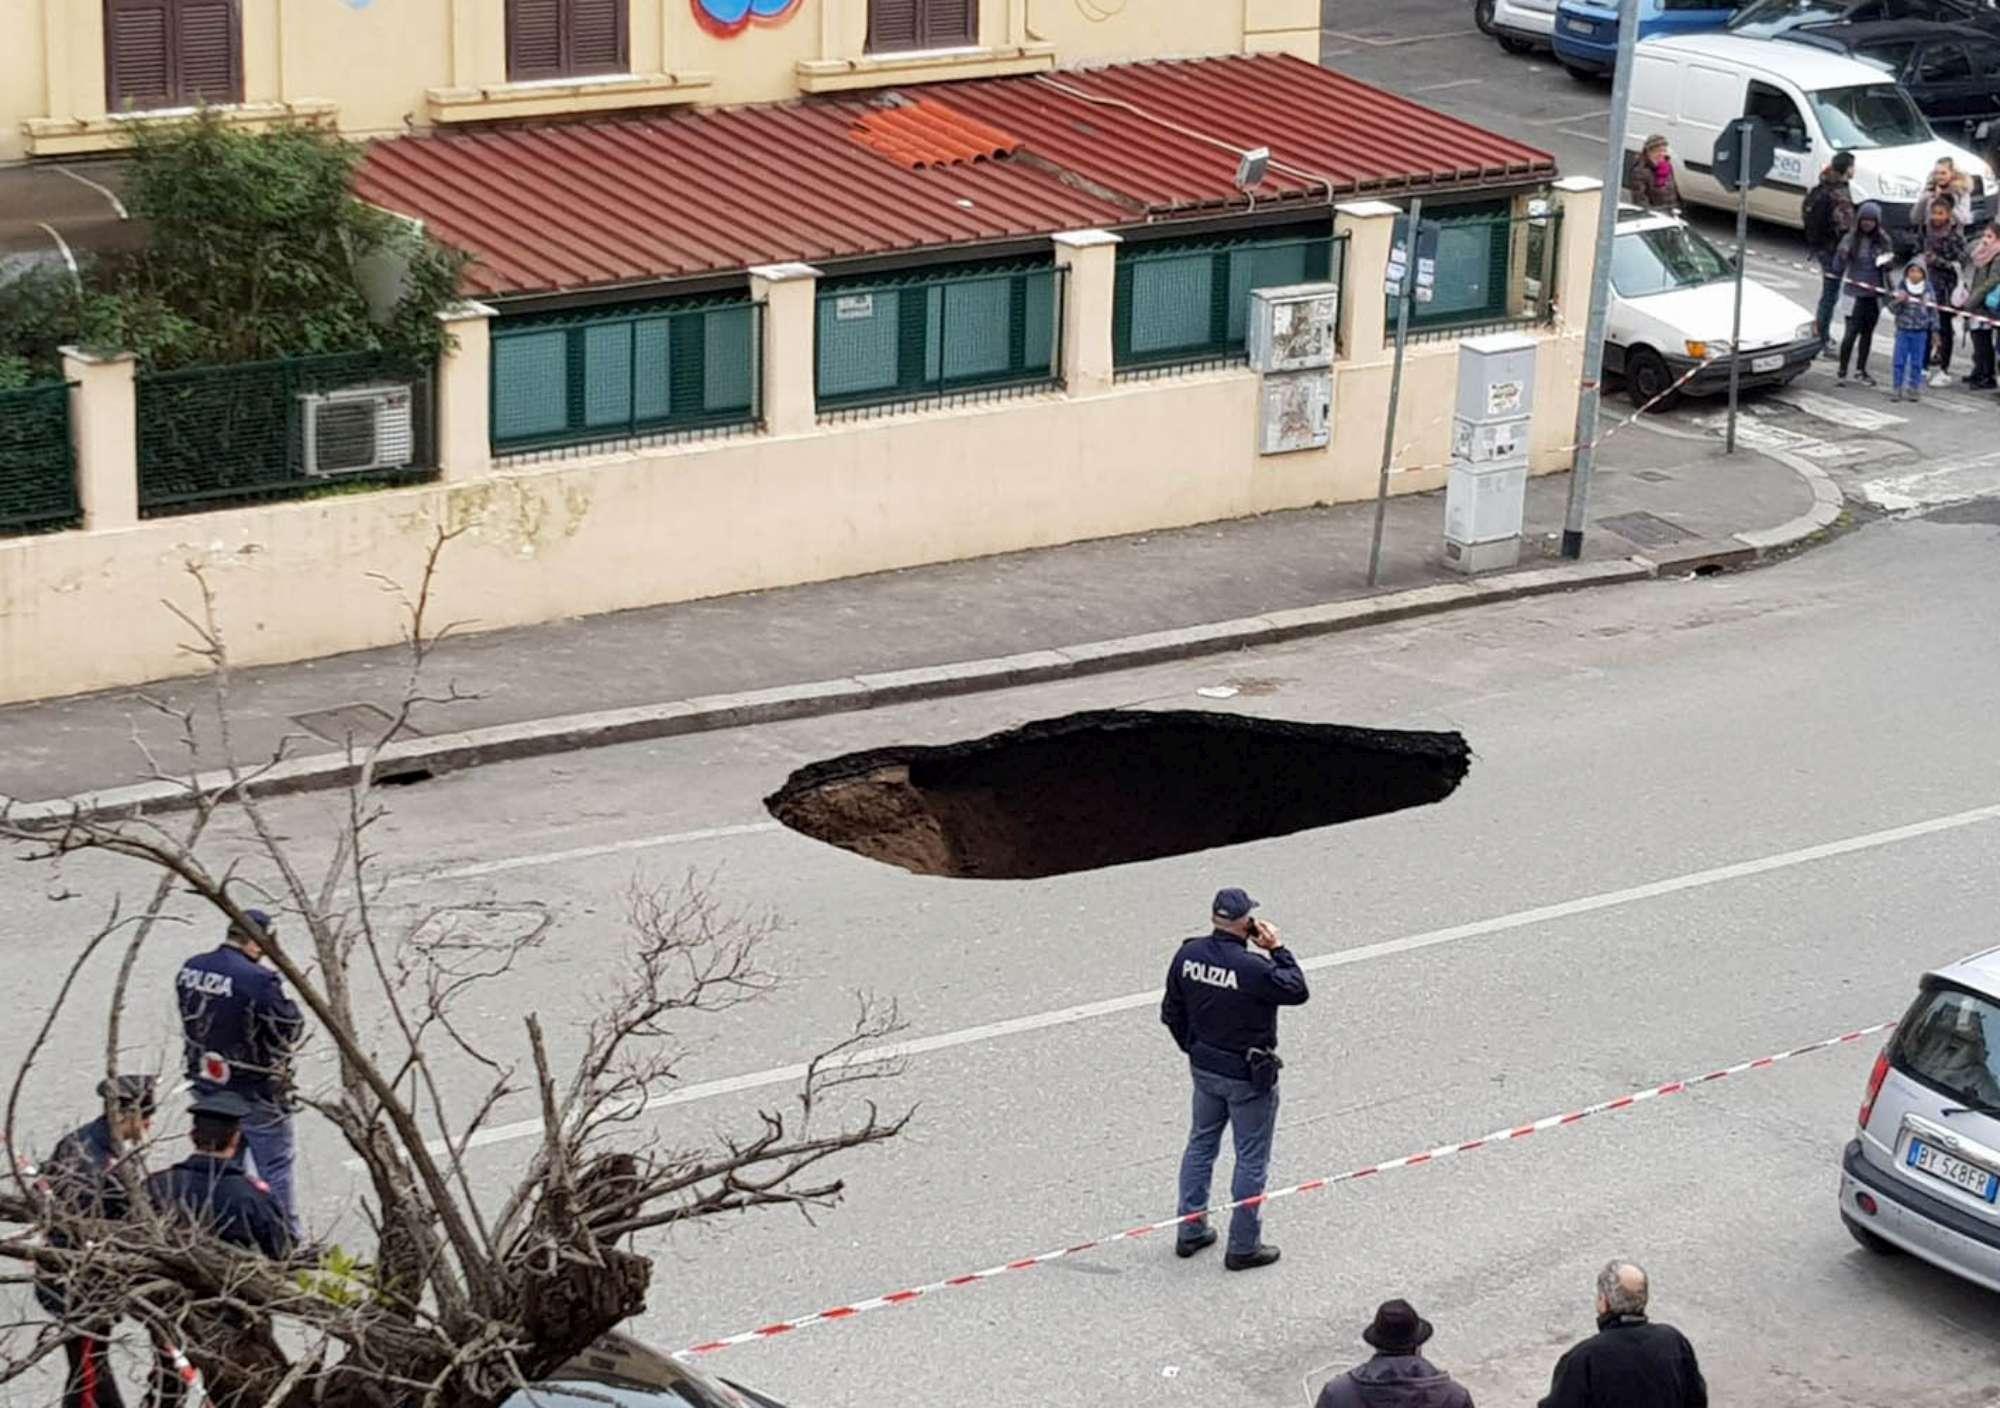 Roma, maxi voragine si apre sotto le auto. Il video del crollo